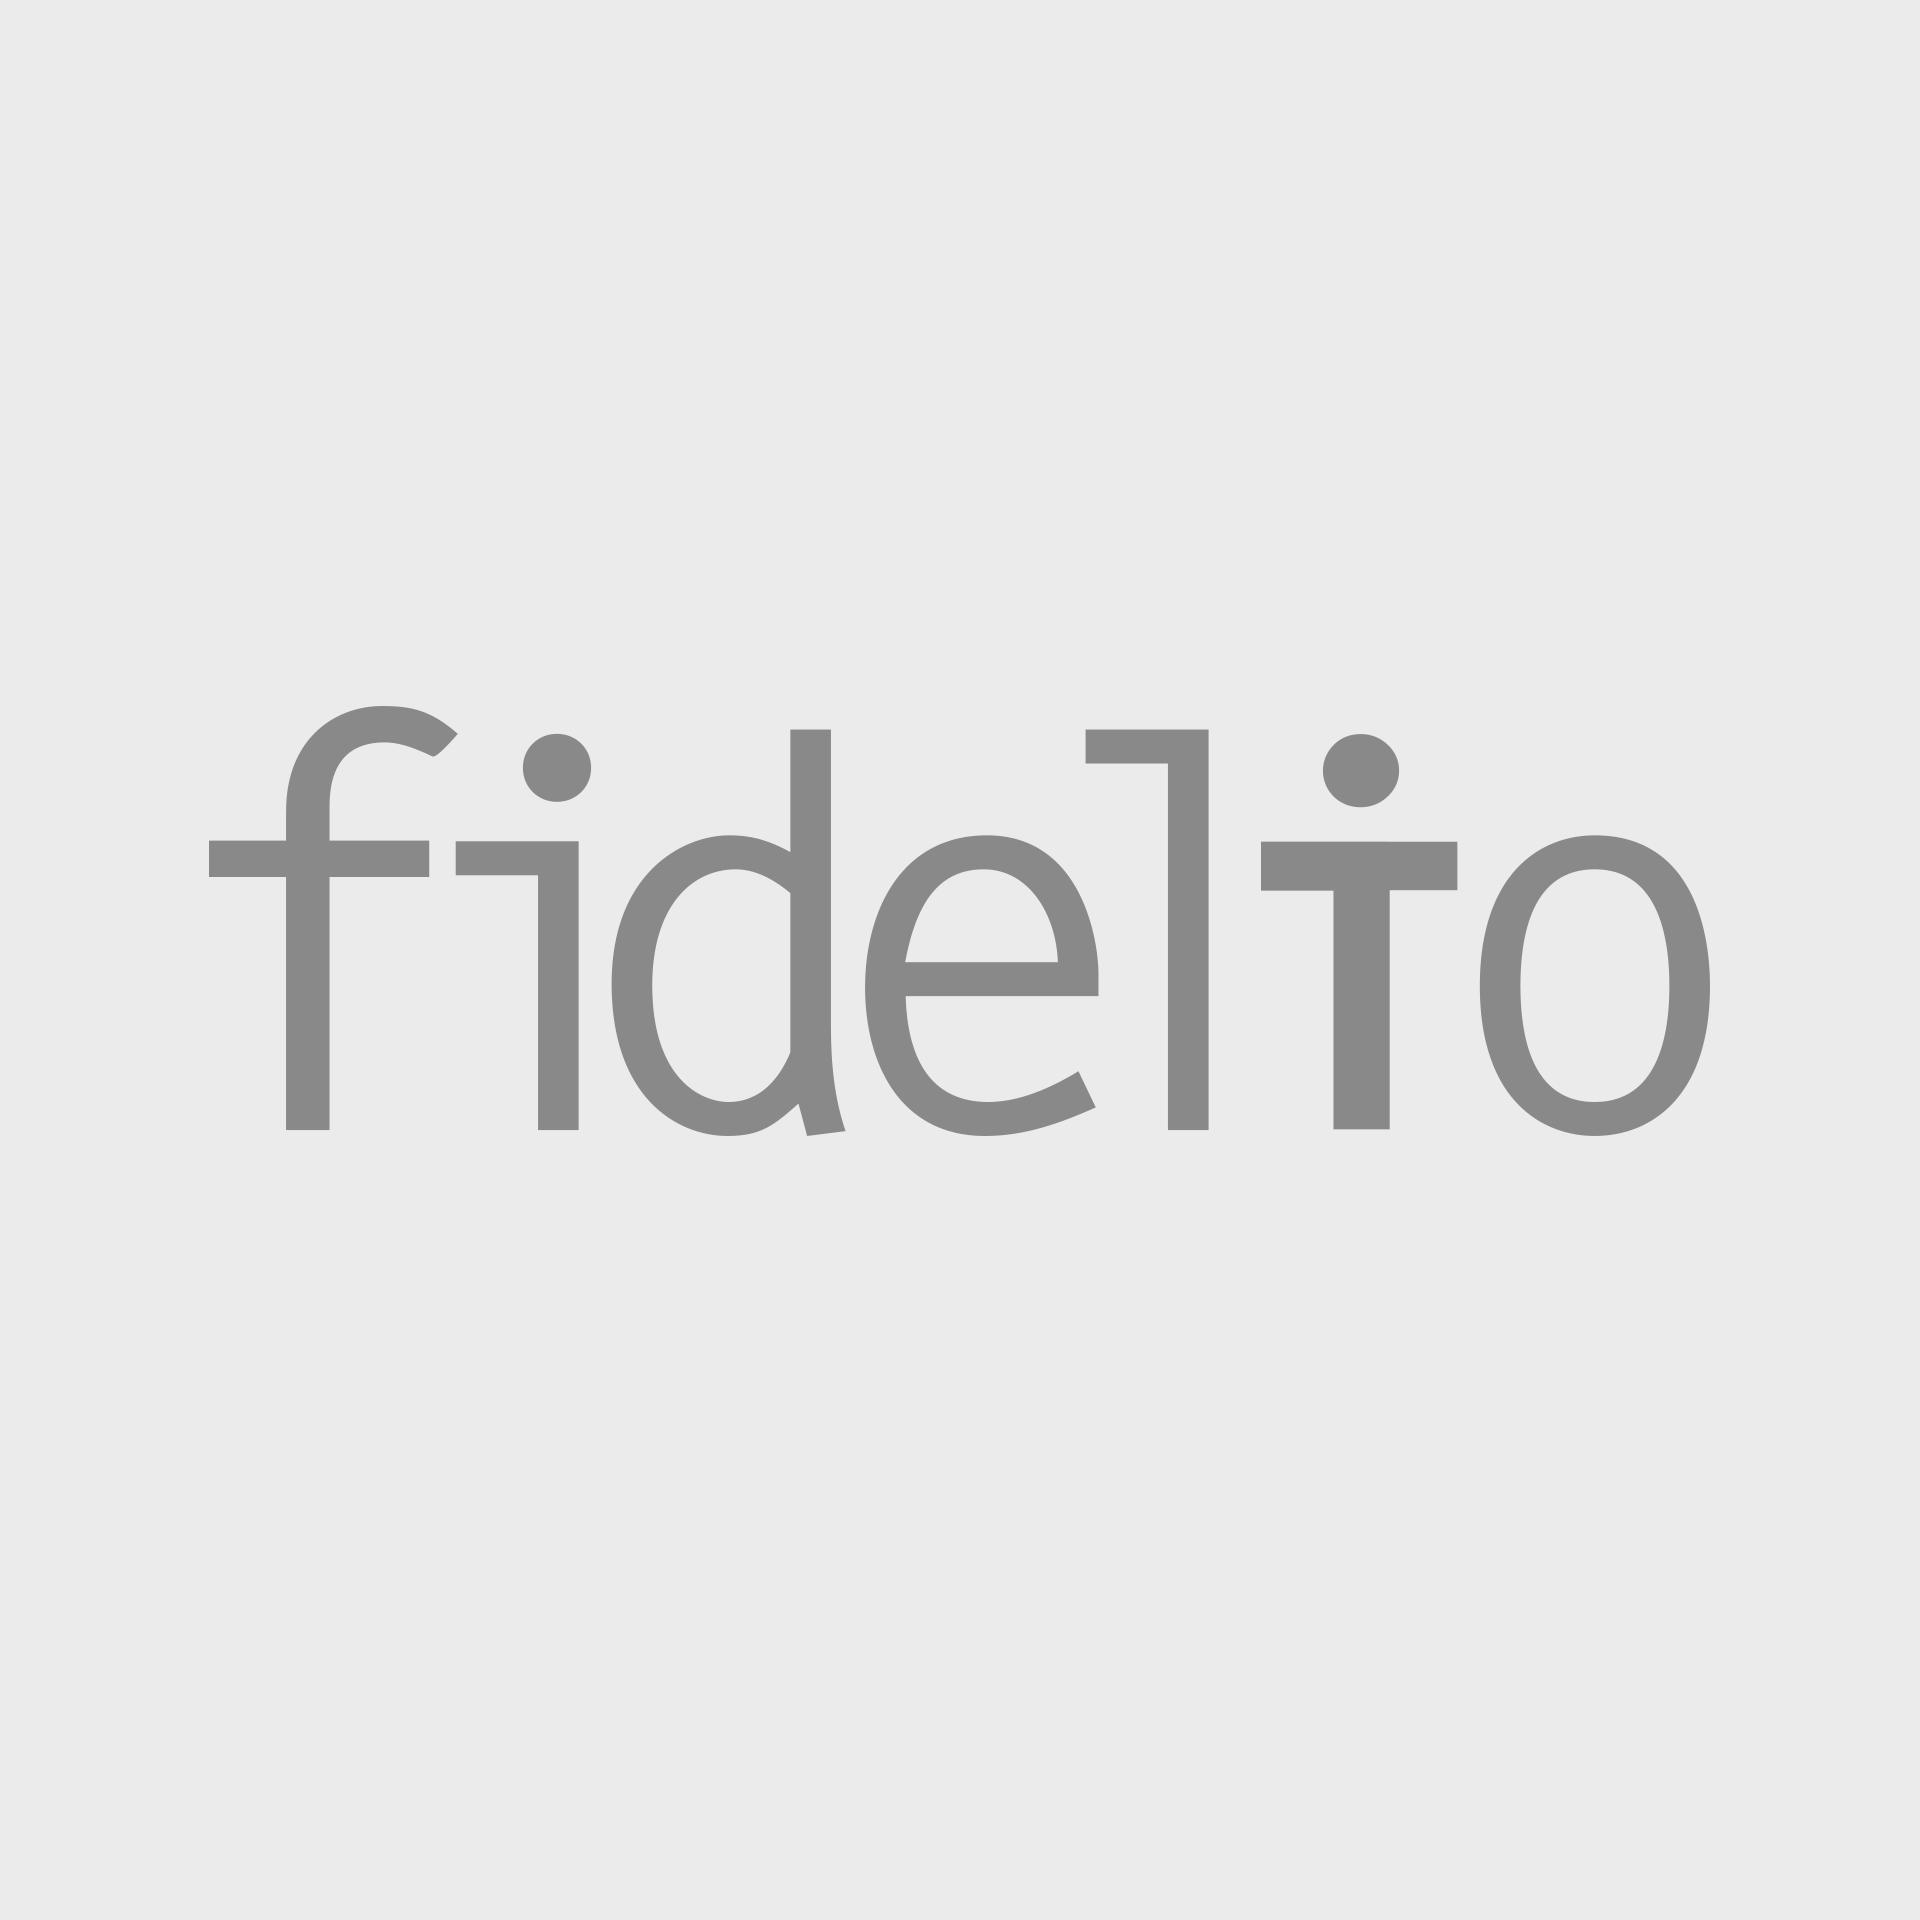 Matyus_Ferencsik-144009.jpg